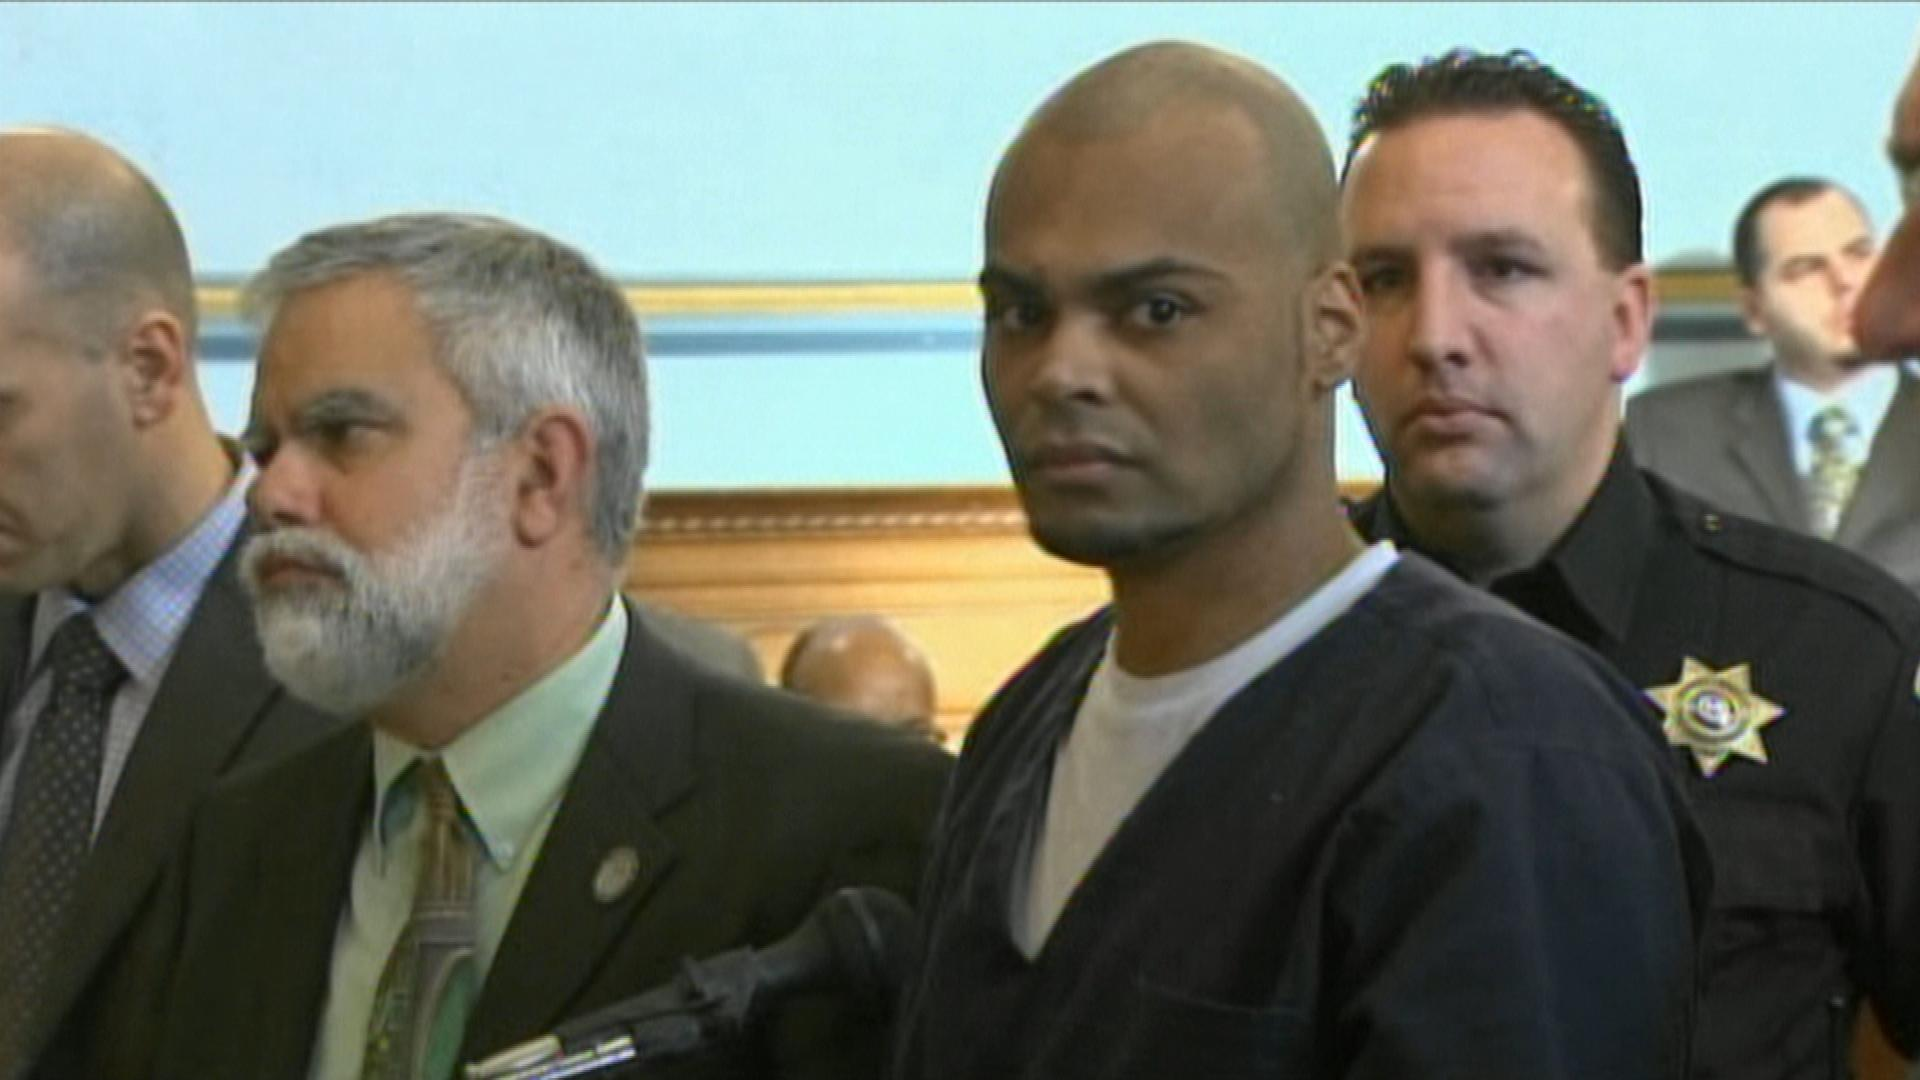 P-murder suspect facebook_149569